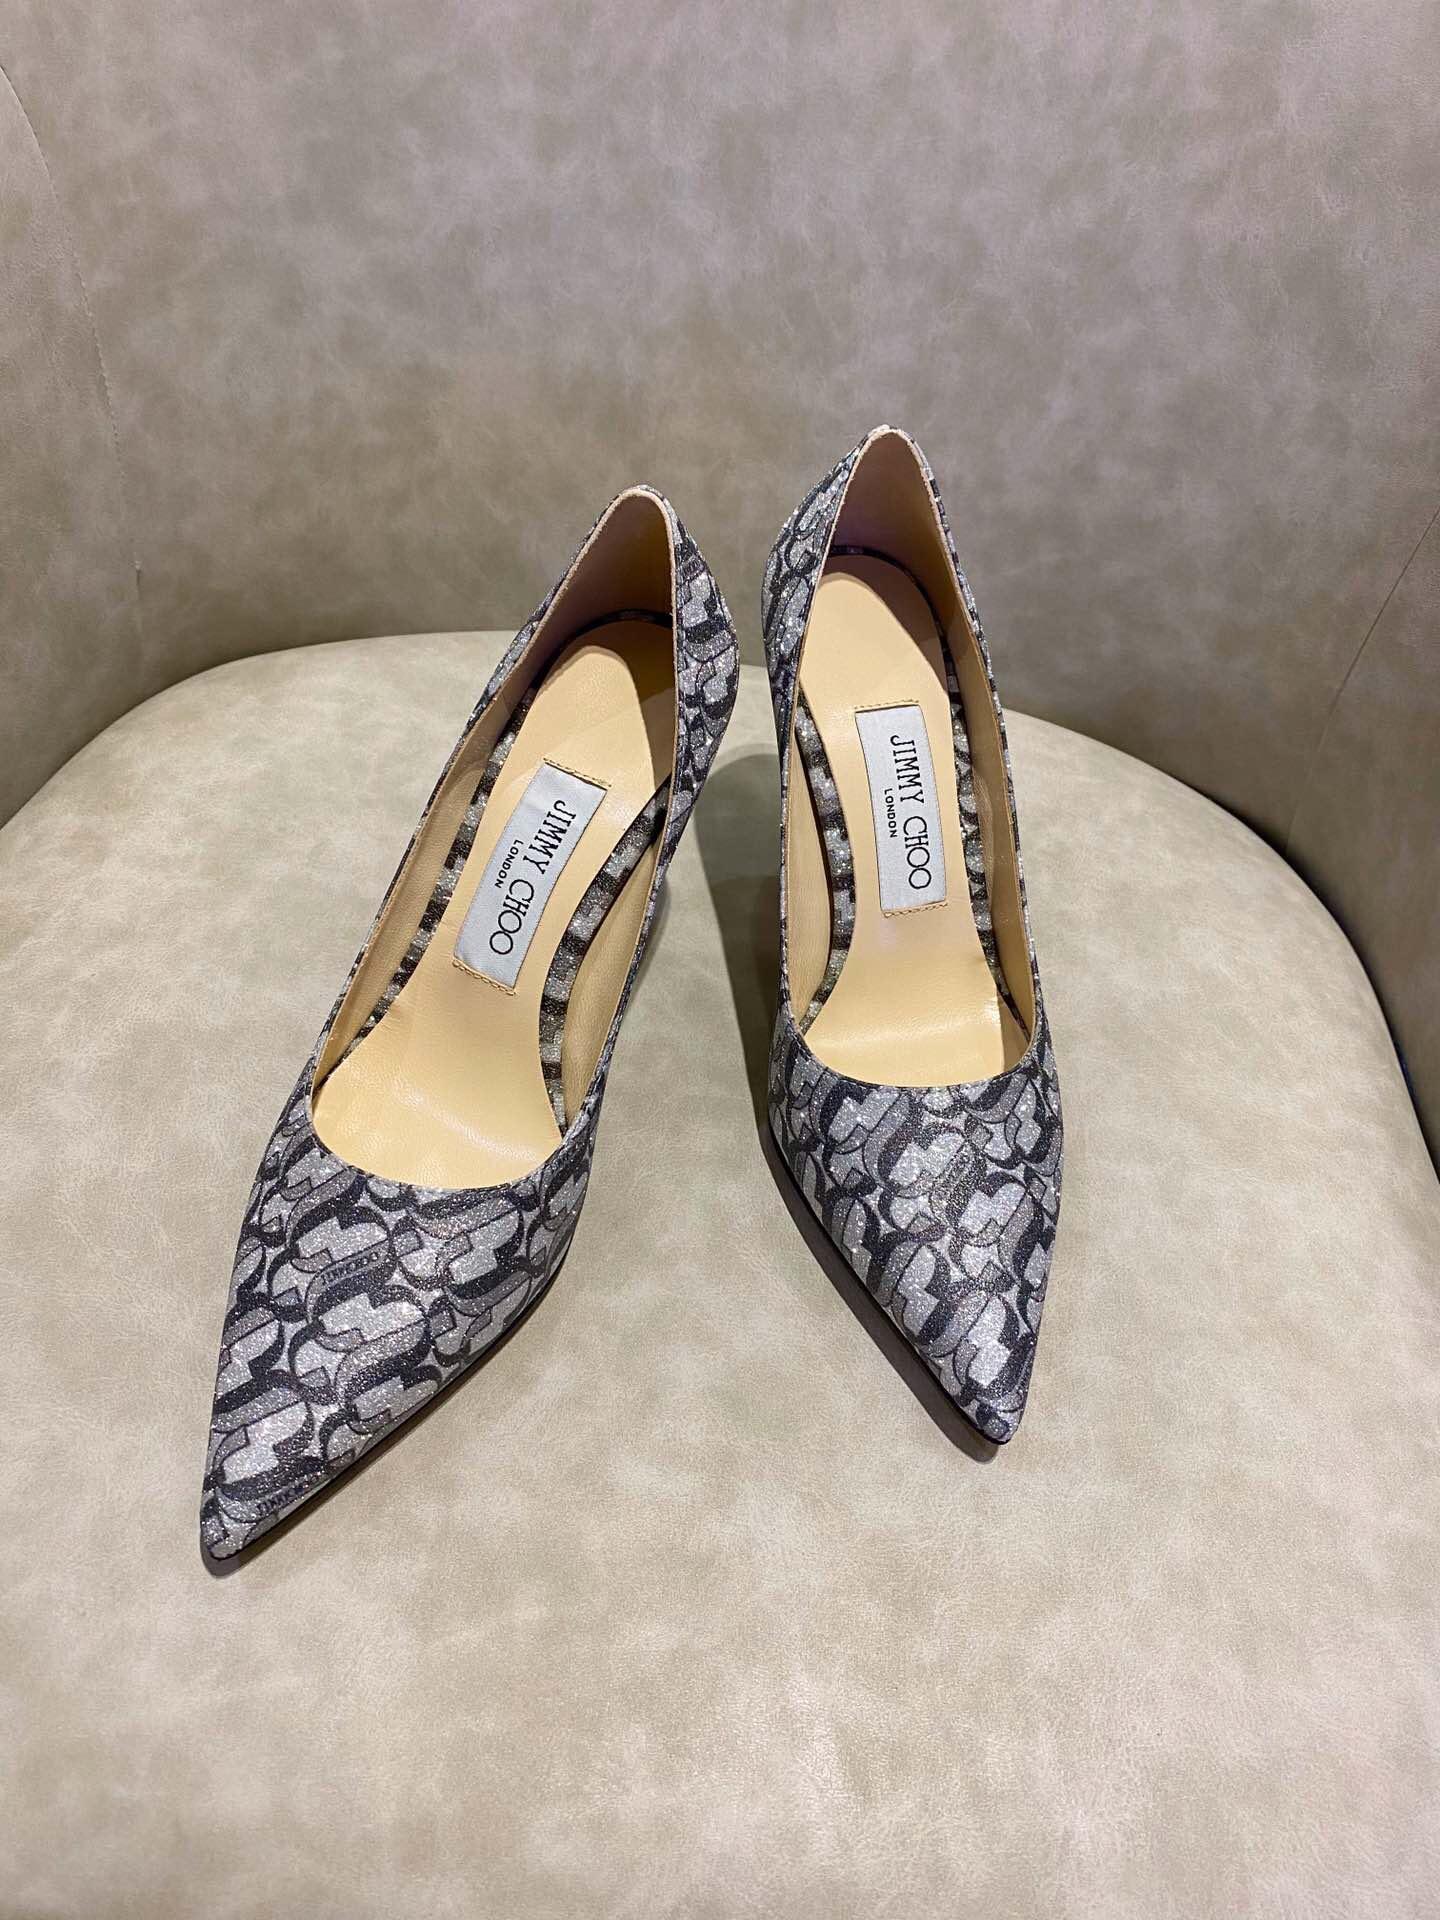 Jc高跟鞋 2020最新款尖头高跟鞋女士婚鞋